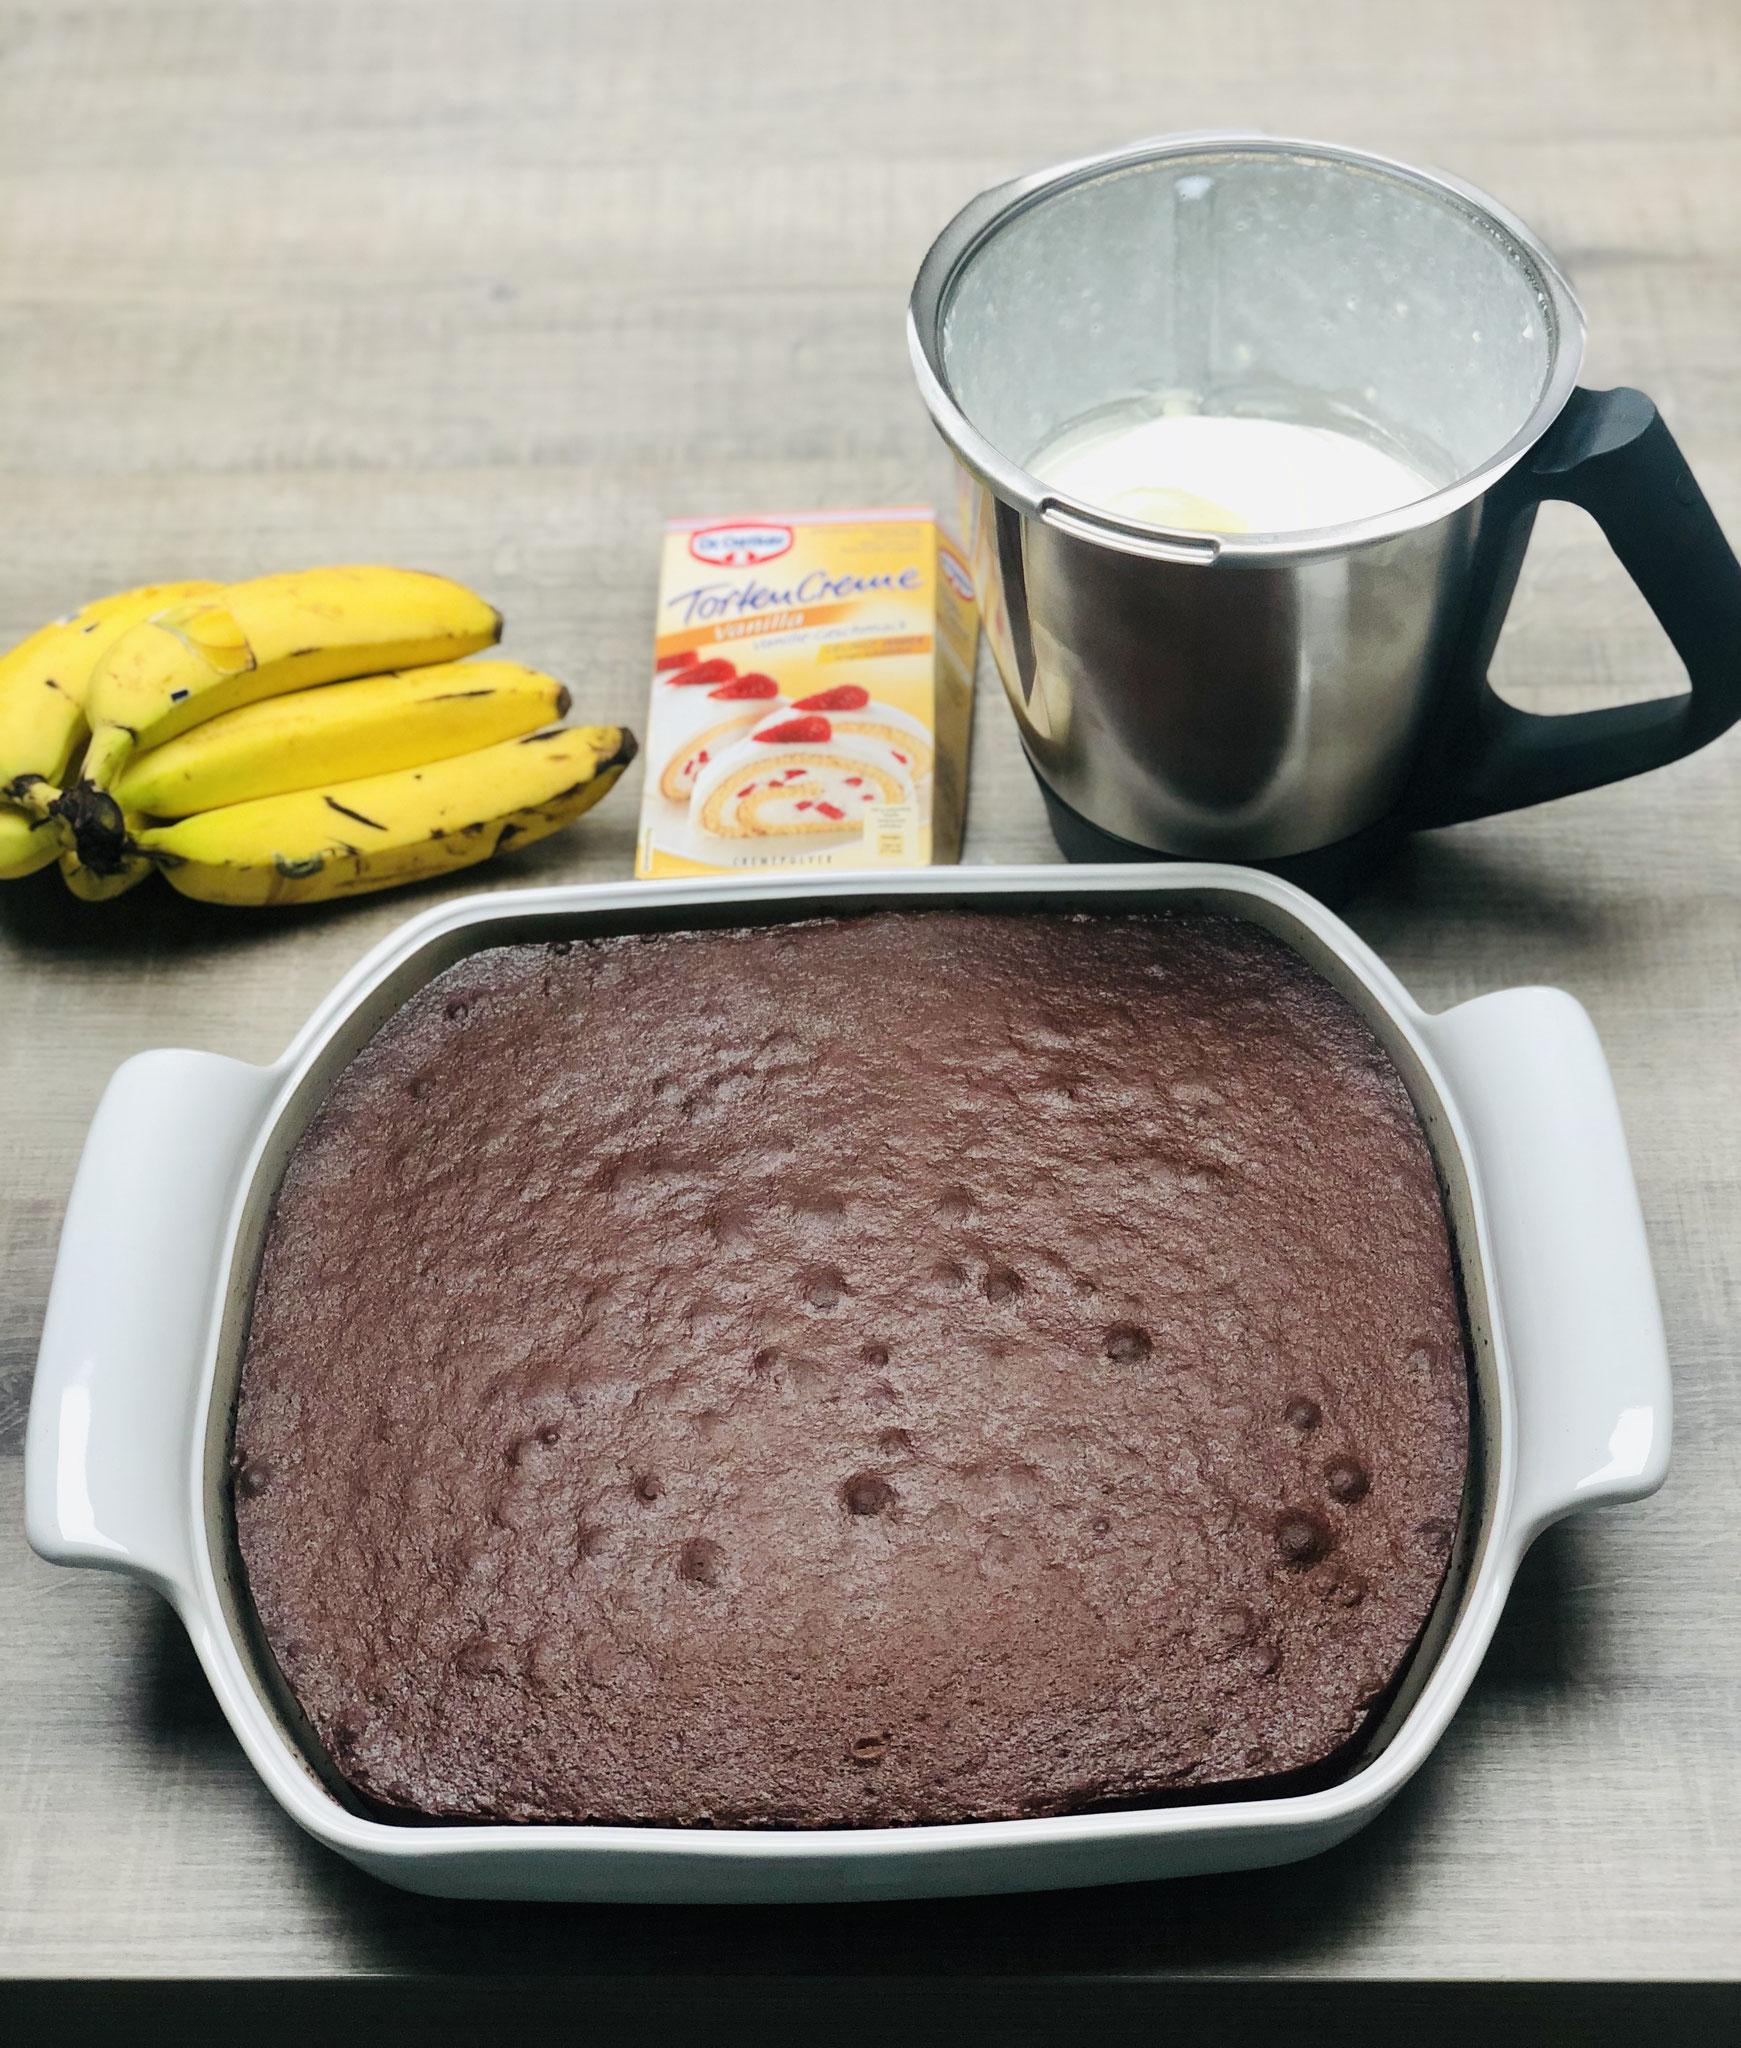 Hier siehst du den Schokoladen Tortenboden den ich mit der Dr. Oetker Paradiescreme im großen flachen Bäker gebacken habe....